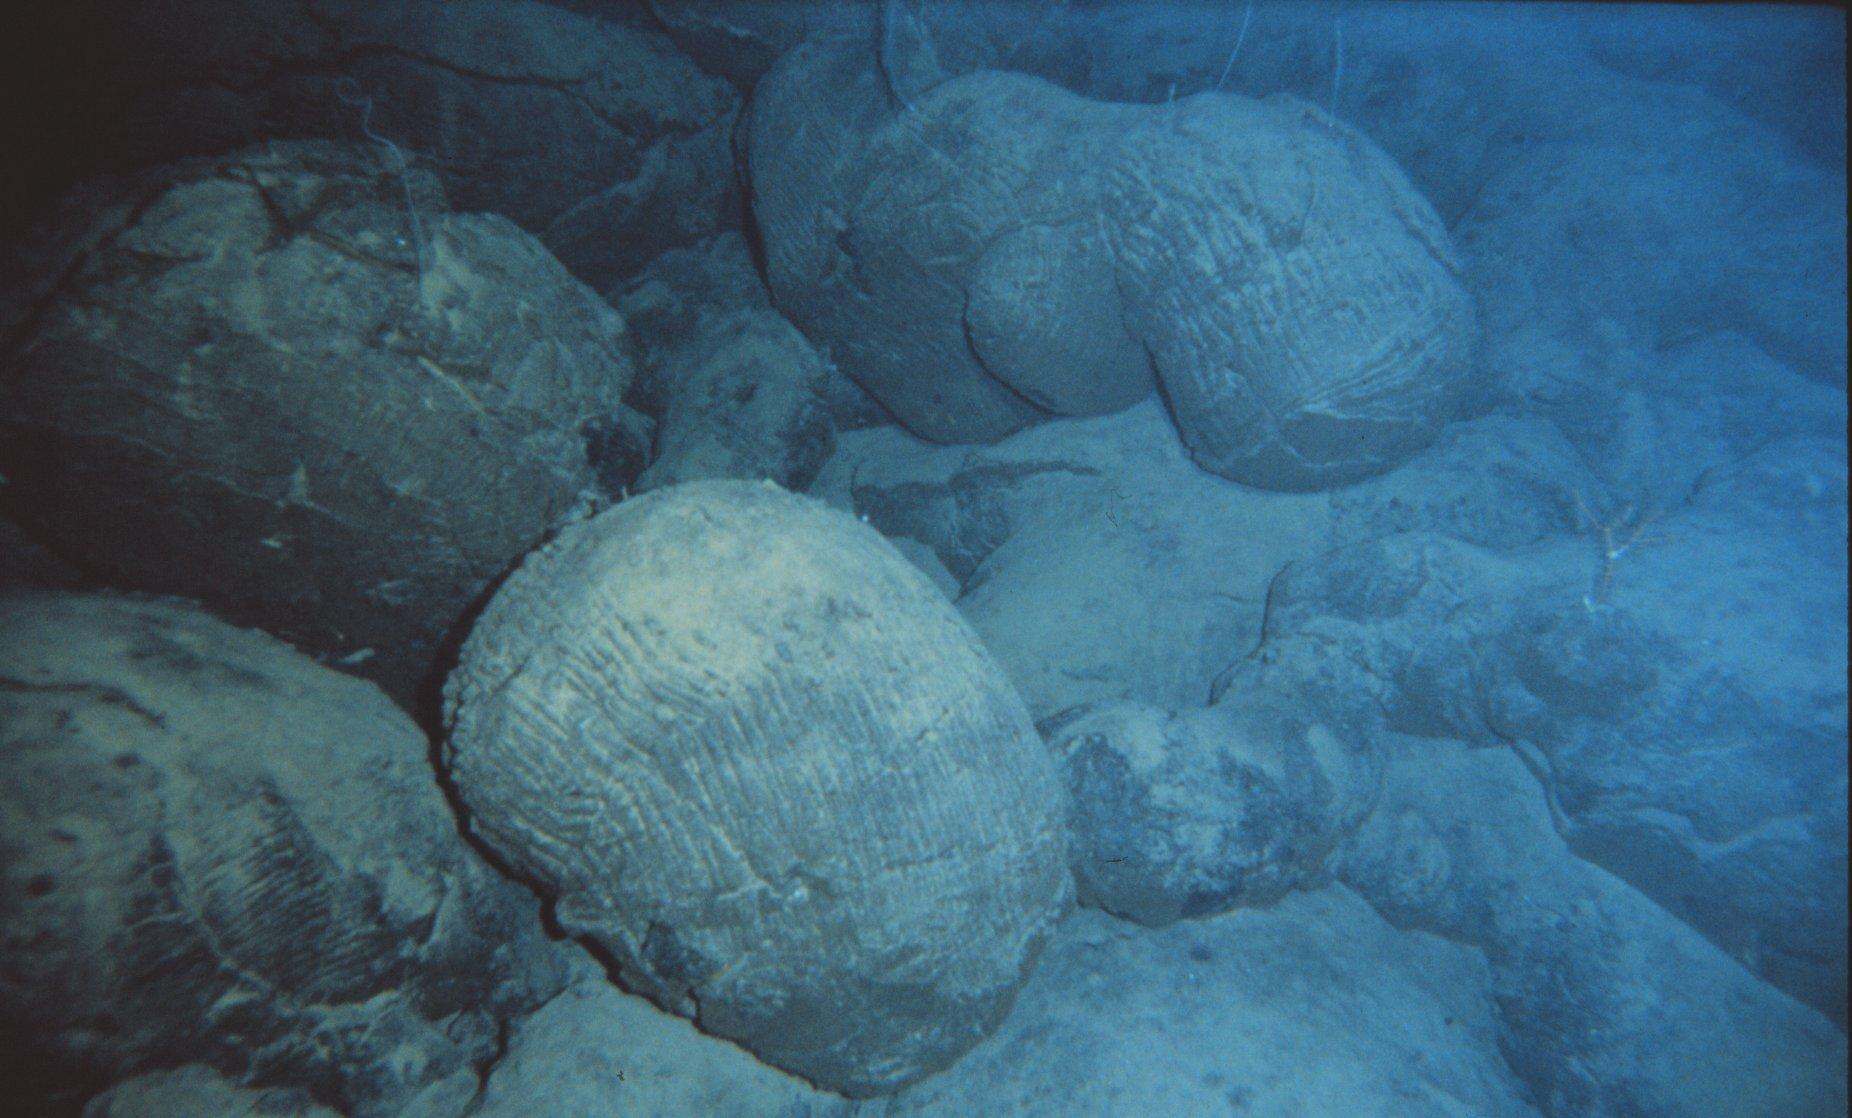 Lava on the ocean floor